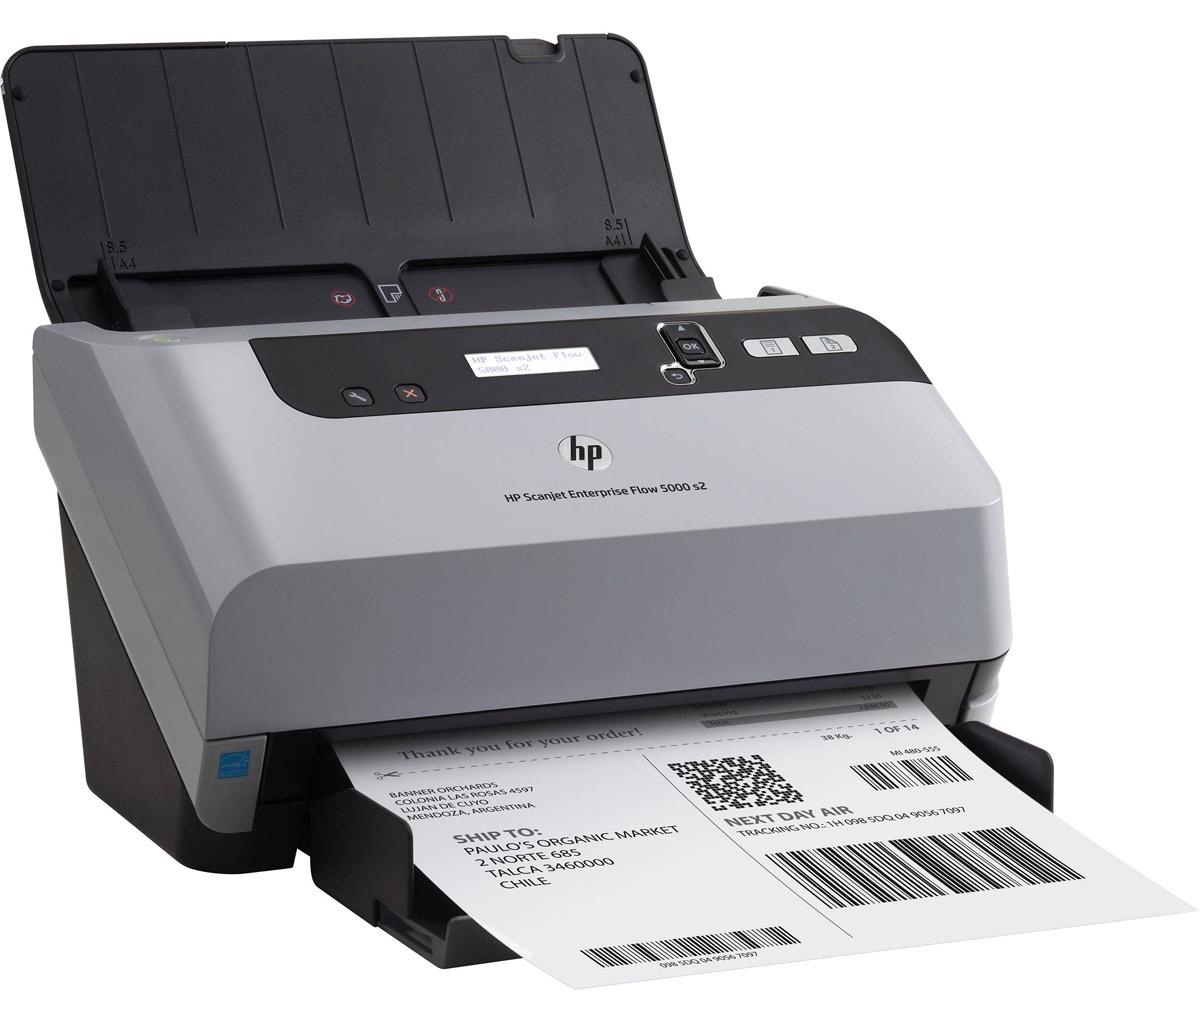 HP Scanjet Enterprise Flow 5000 s2 Sheet-feed Scanner (L2738A) сканер ( L2738A )